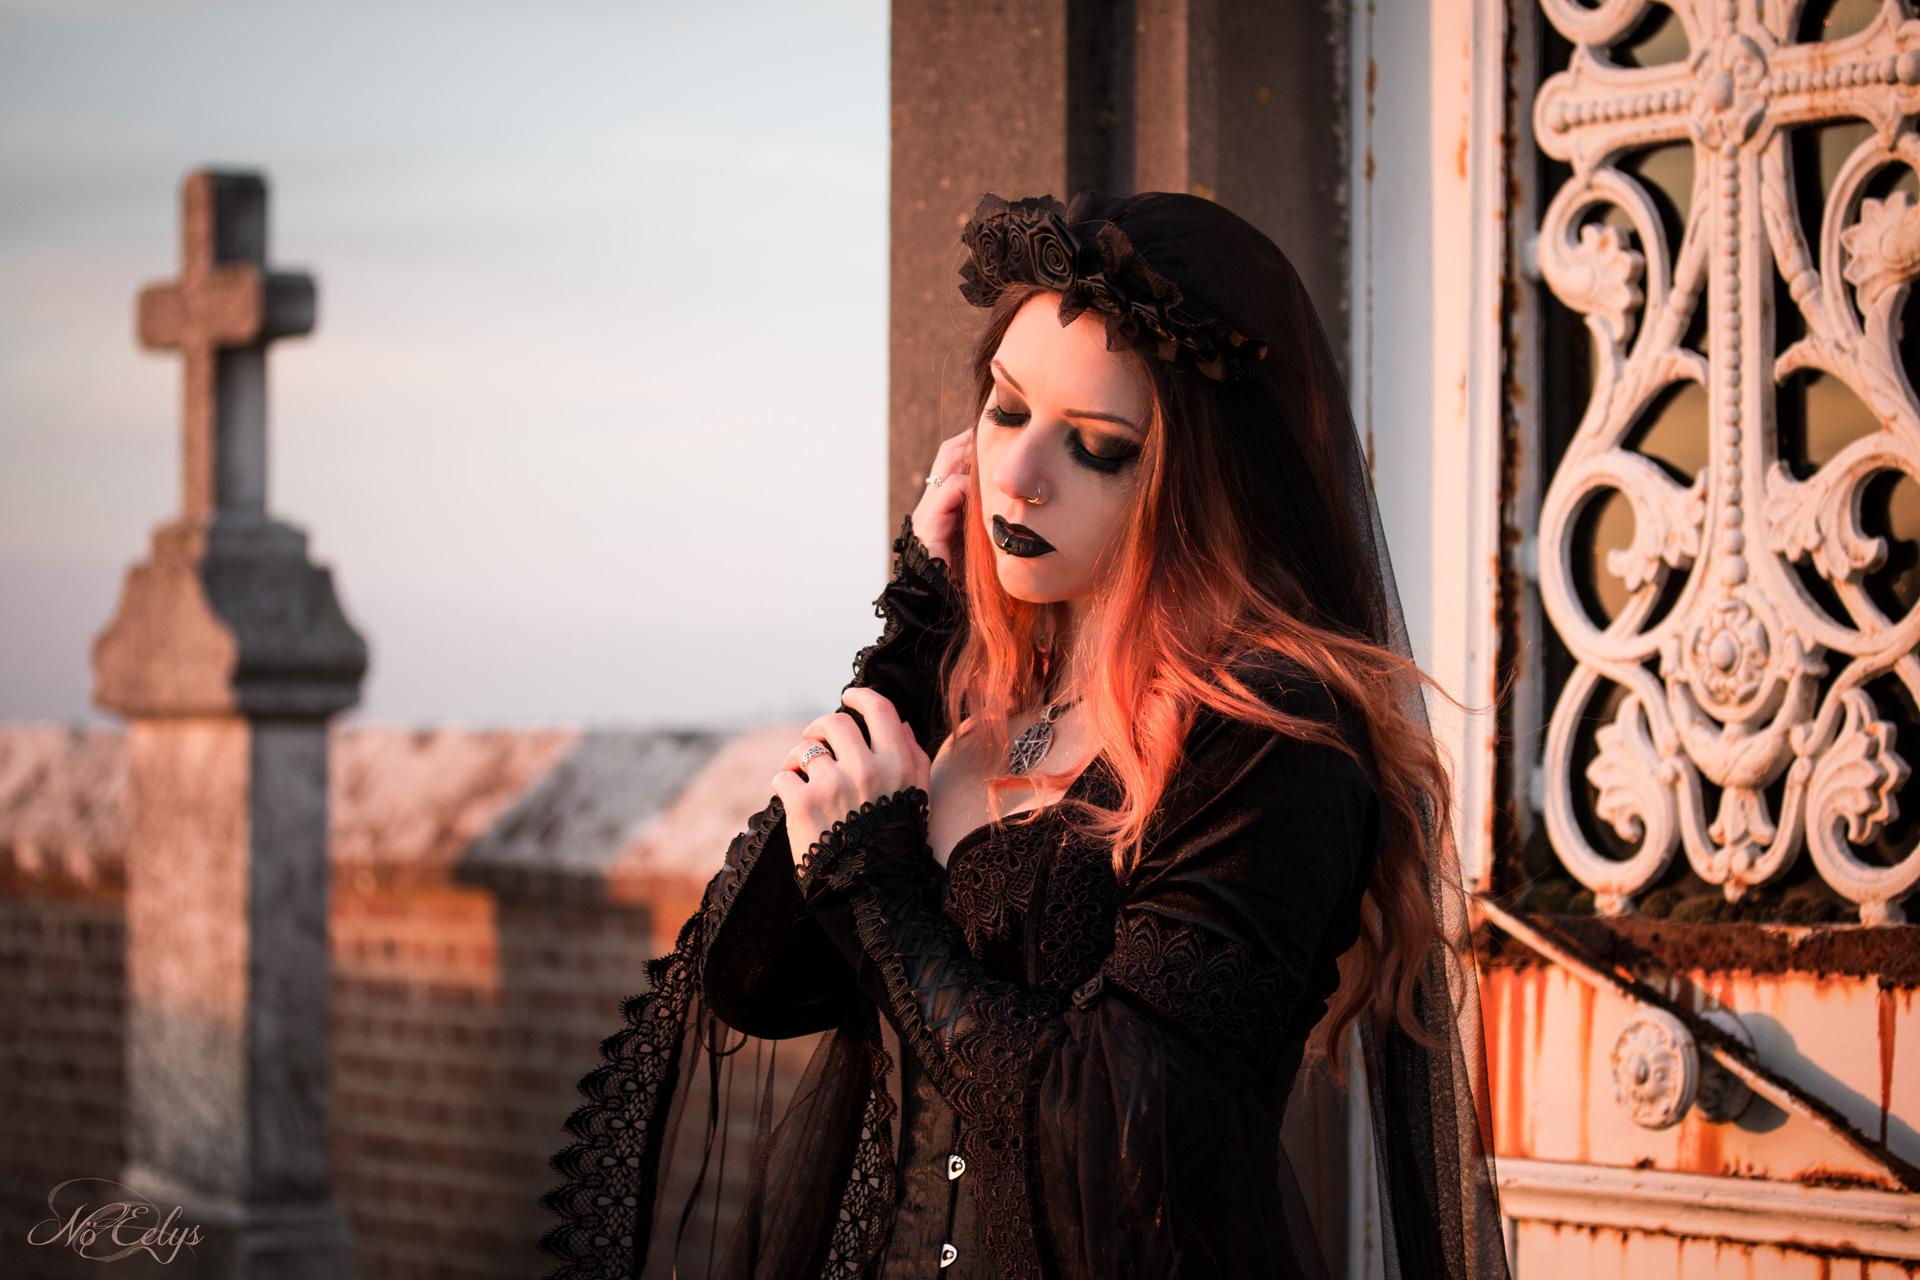 Portrait gothique romantique deuil cimetière Ebeyne Moonlight Japan Attitude photographe alternatif Paris Nö Eelys